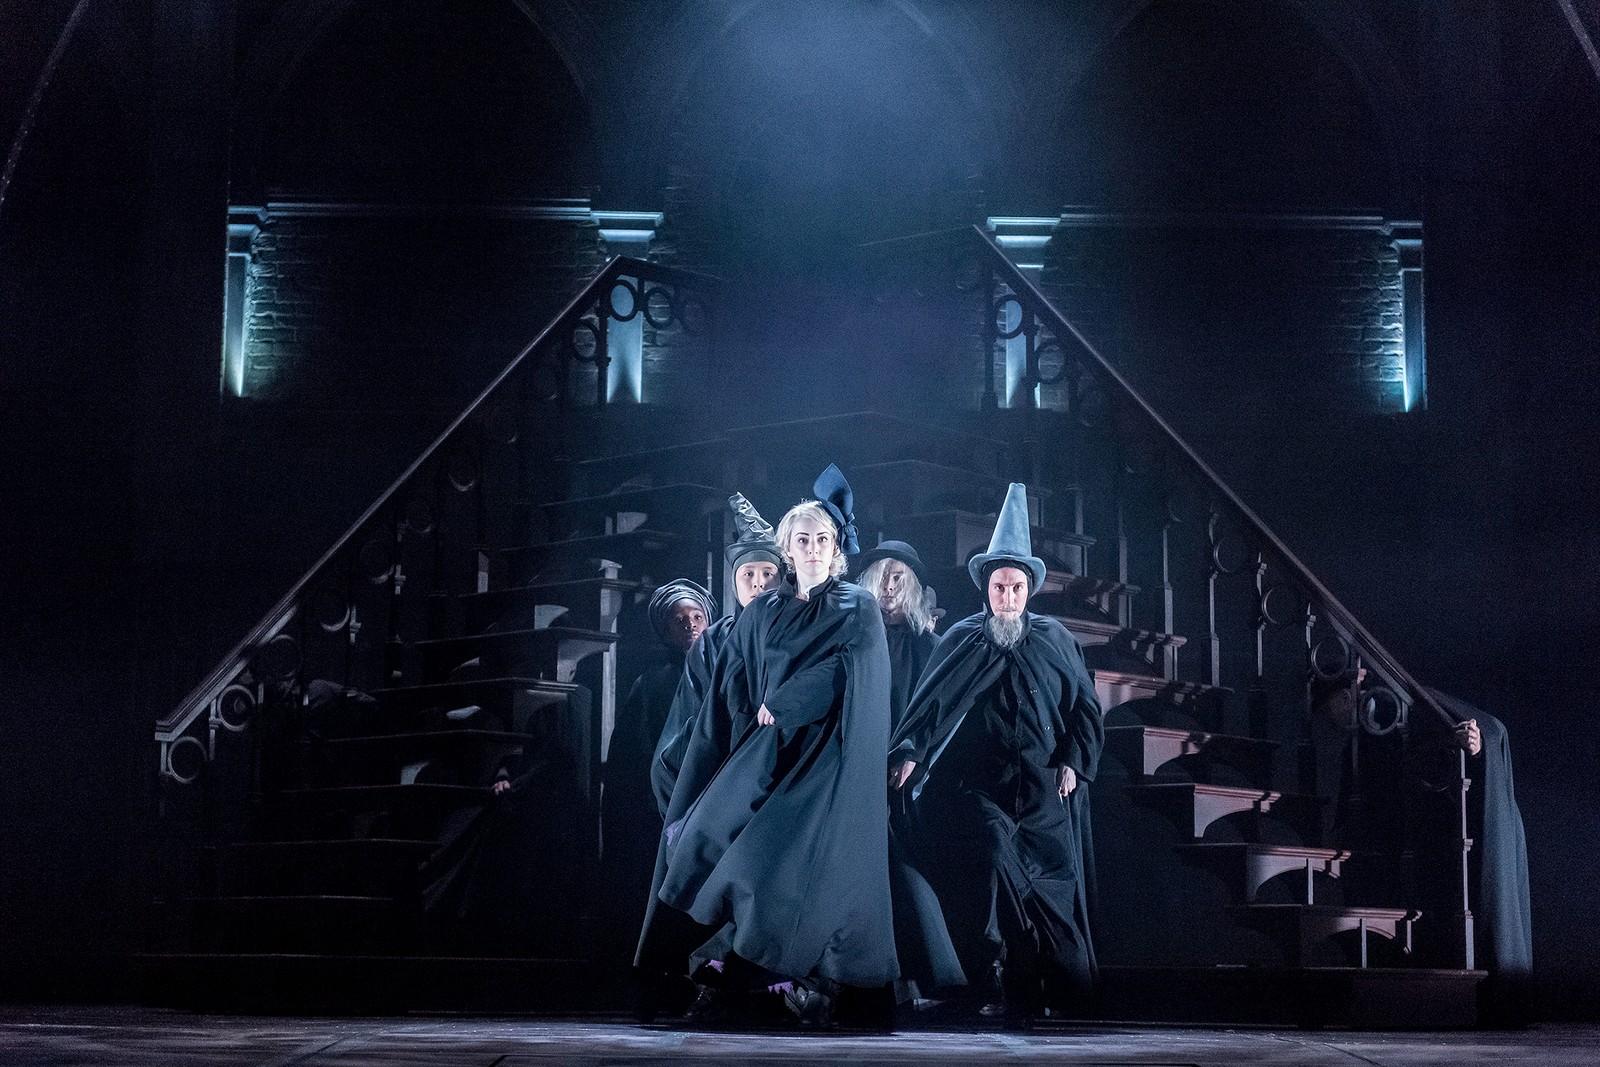 LANG HISTORIE: Forestillingen «Harry Potter and the Cursed Child» er delt opp i to deler, hvor den ene spilles på formiddagen og den andre på kveldstid. Det er lagt opp til at publikum skal se begge delene på samme dag.